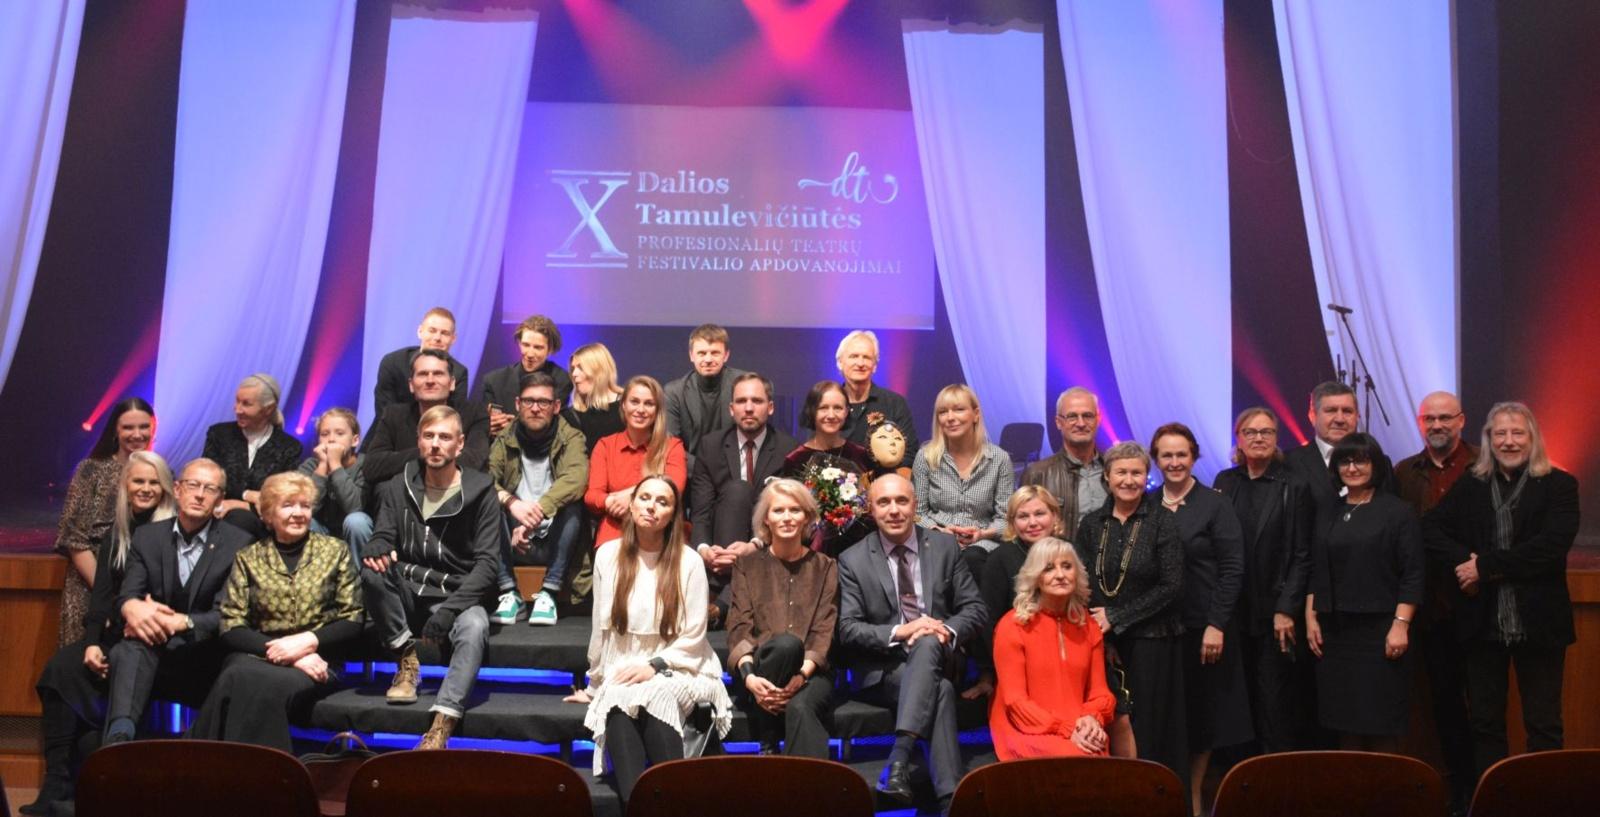 Dešimtojo Dalios Tamulevičiūtės profesionalių teatrų festivalio uždaryme nominuoti geriausi teatro kūrėjai